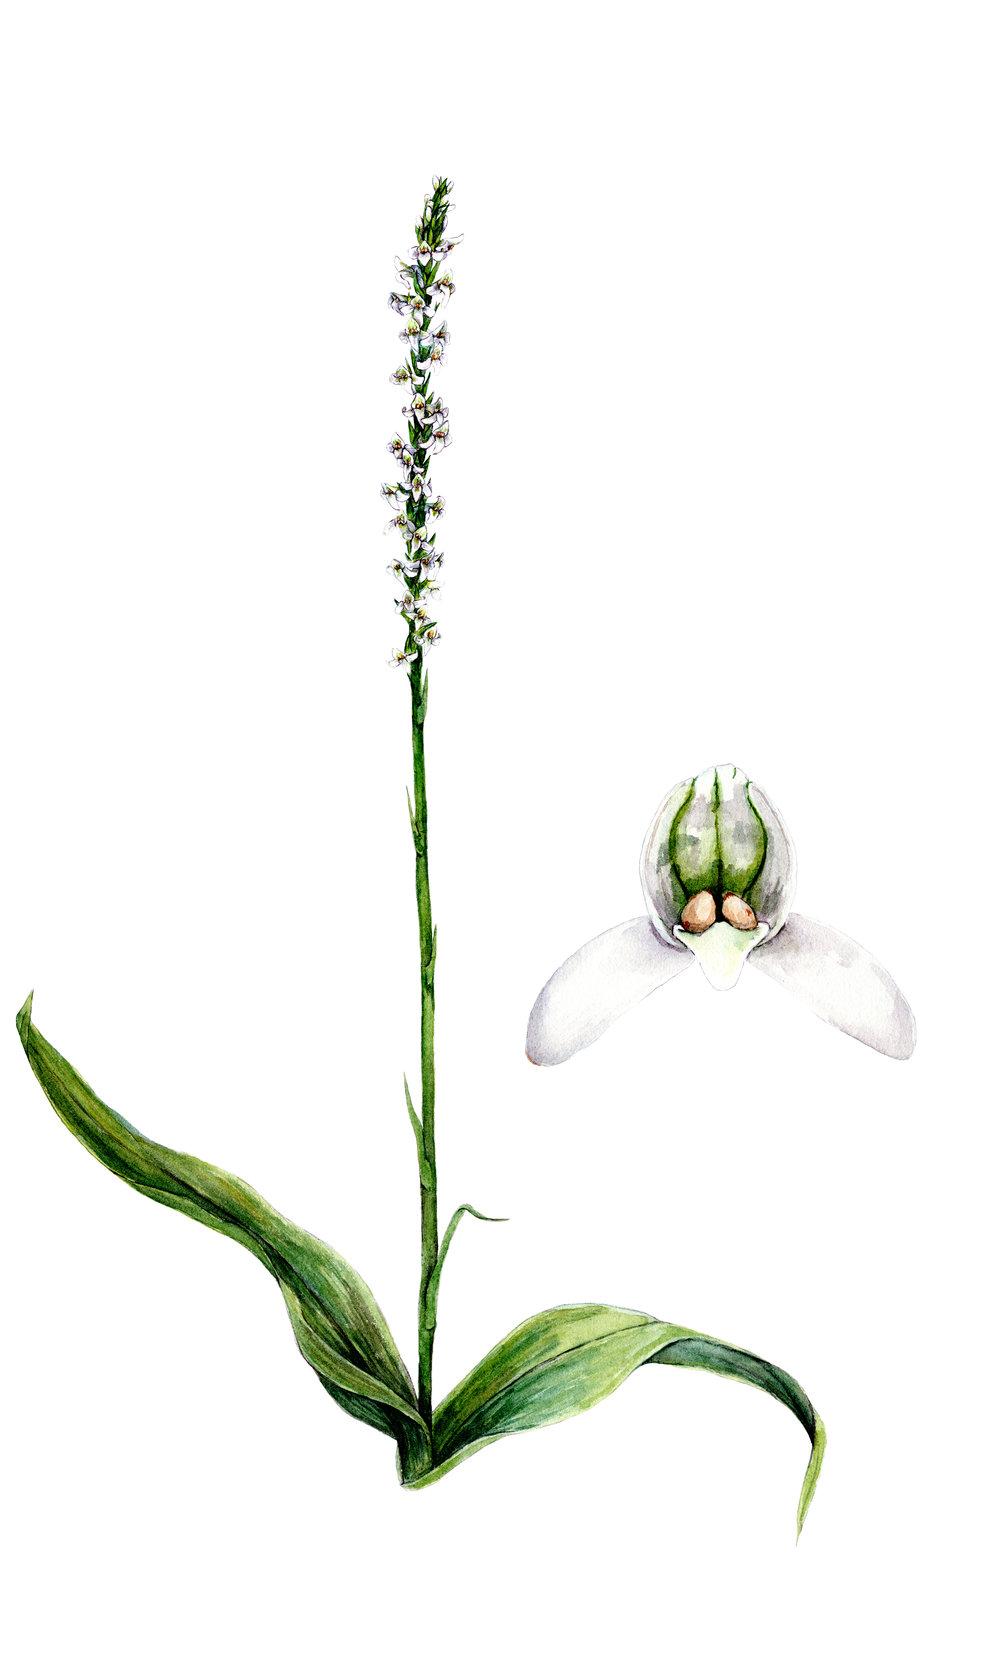 Yadon's Piperia